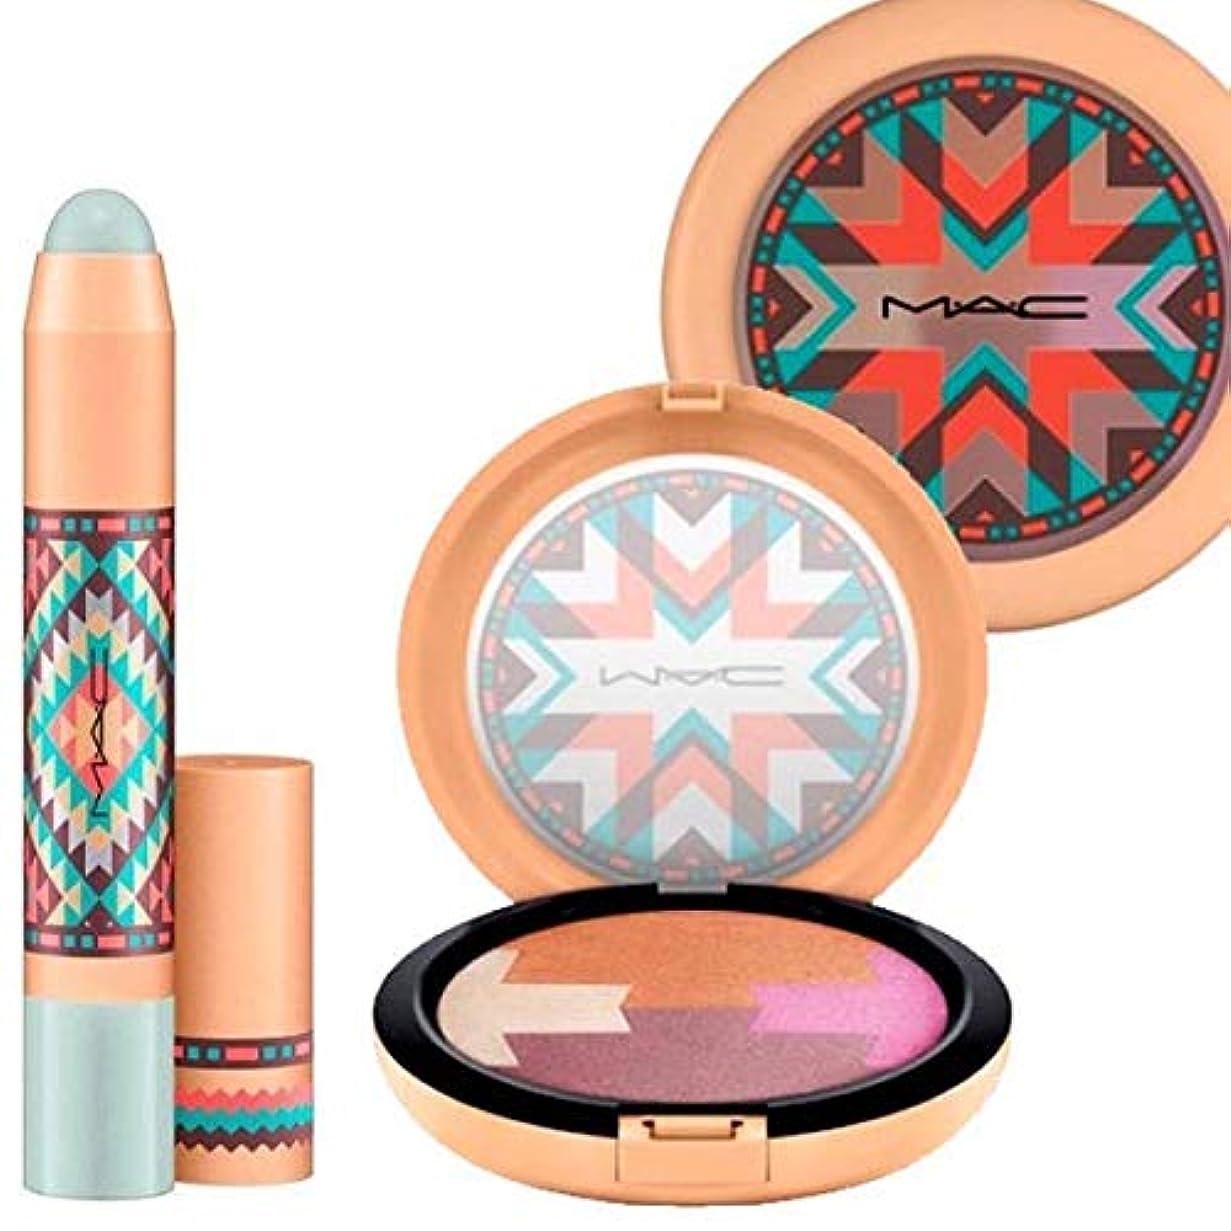 管理者精算配管工M.A.C ?マック, 限定版 !!! Vibe Tribe/Gleamtones Powder & Desert Evening Lip Pencil [海外直送品] [並行輸入品]